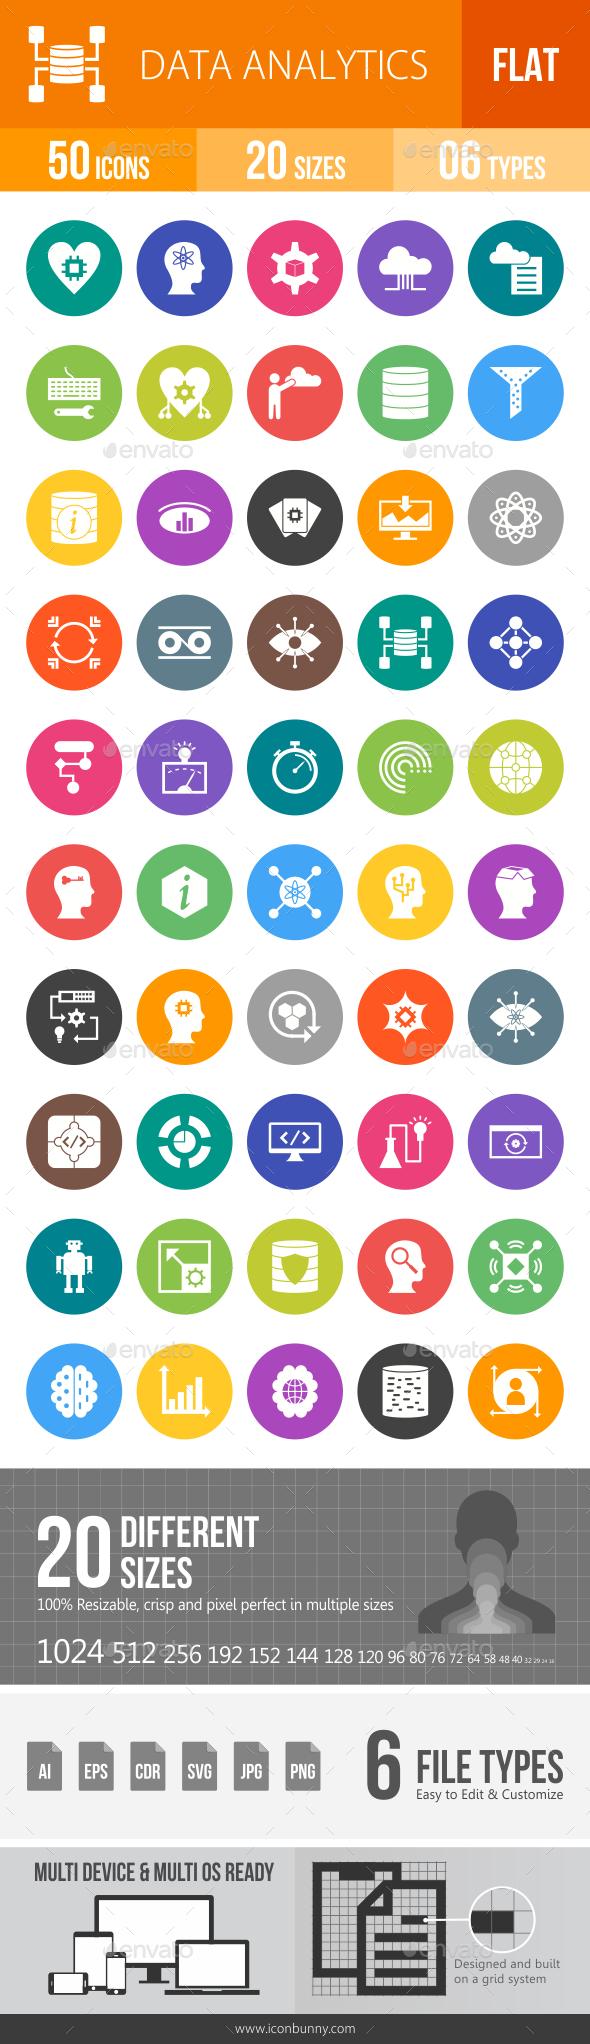 Data Analytics Flat Round Icons - Icons